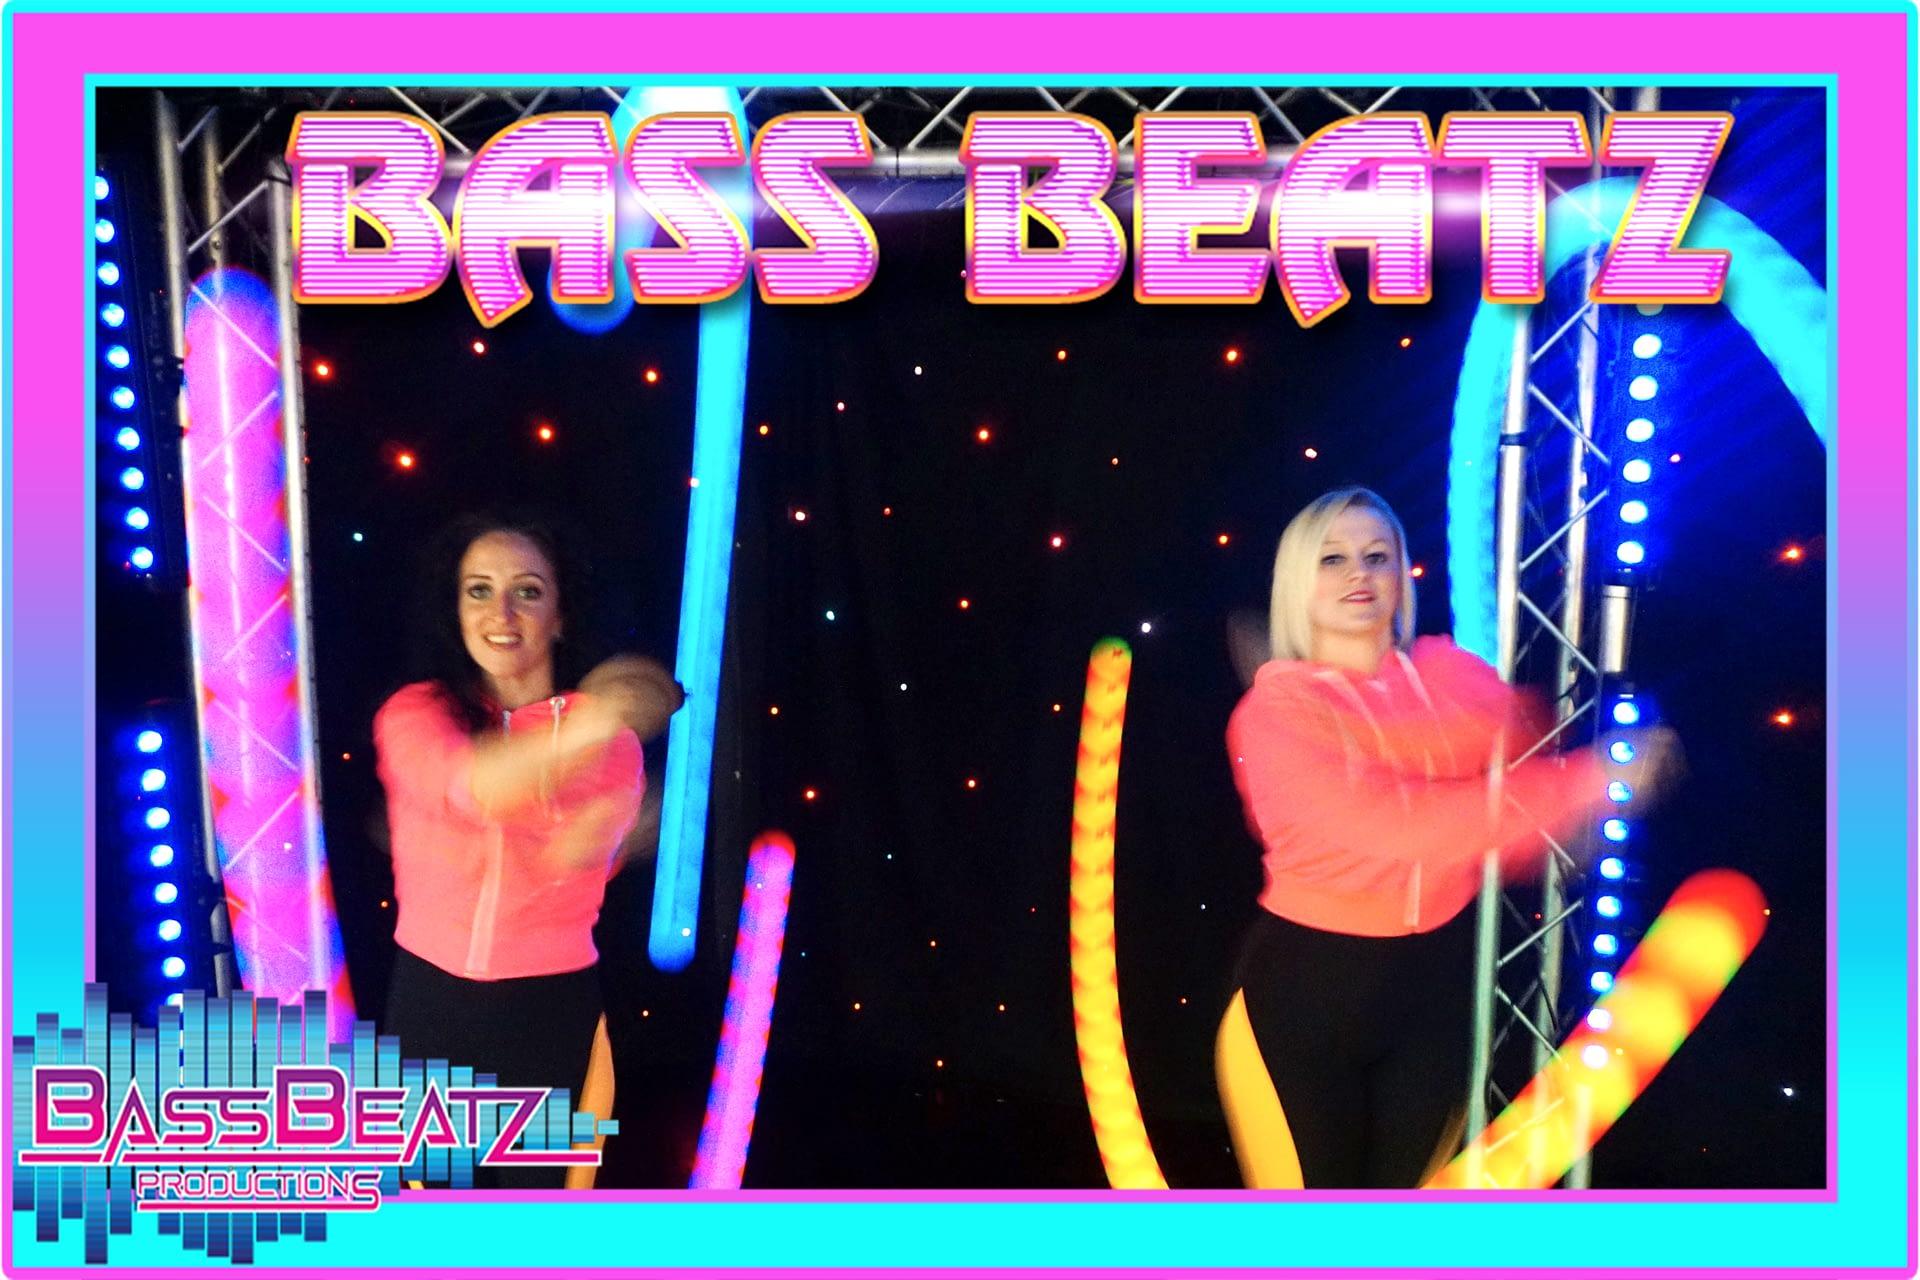 Bassbeatz Promo Shot